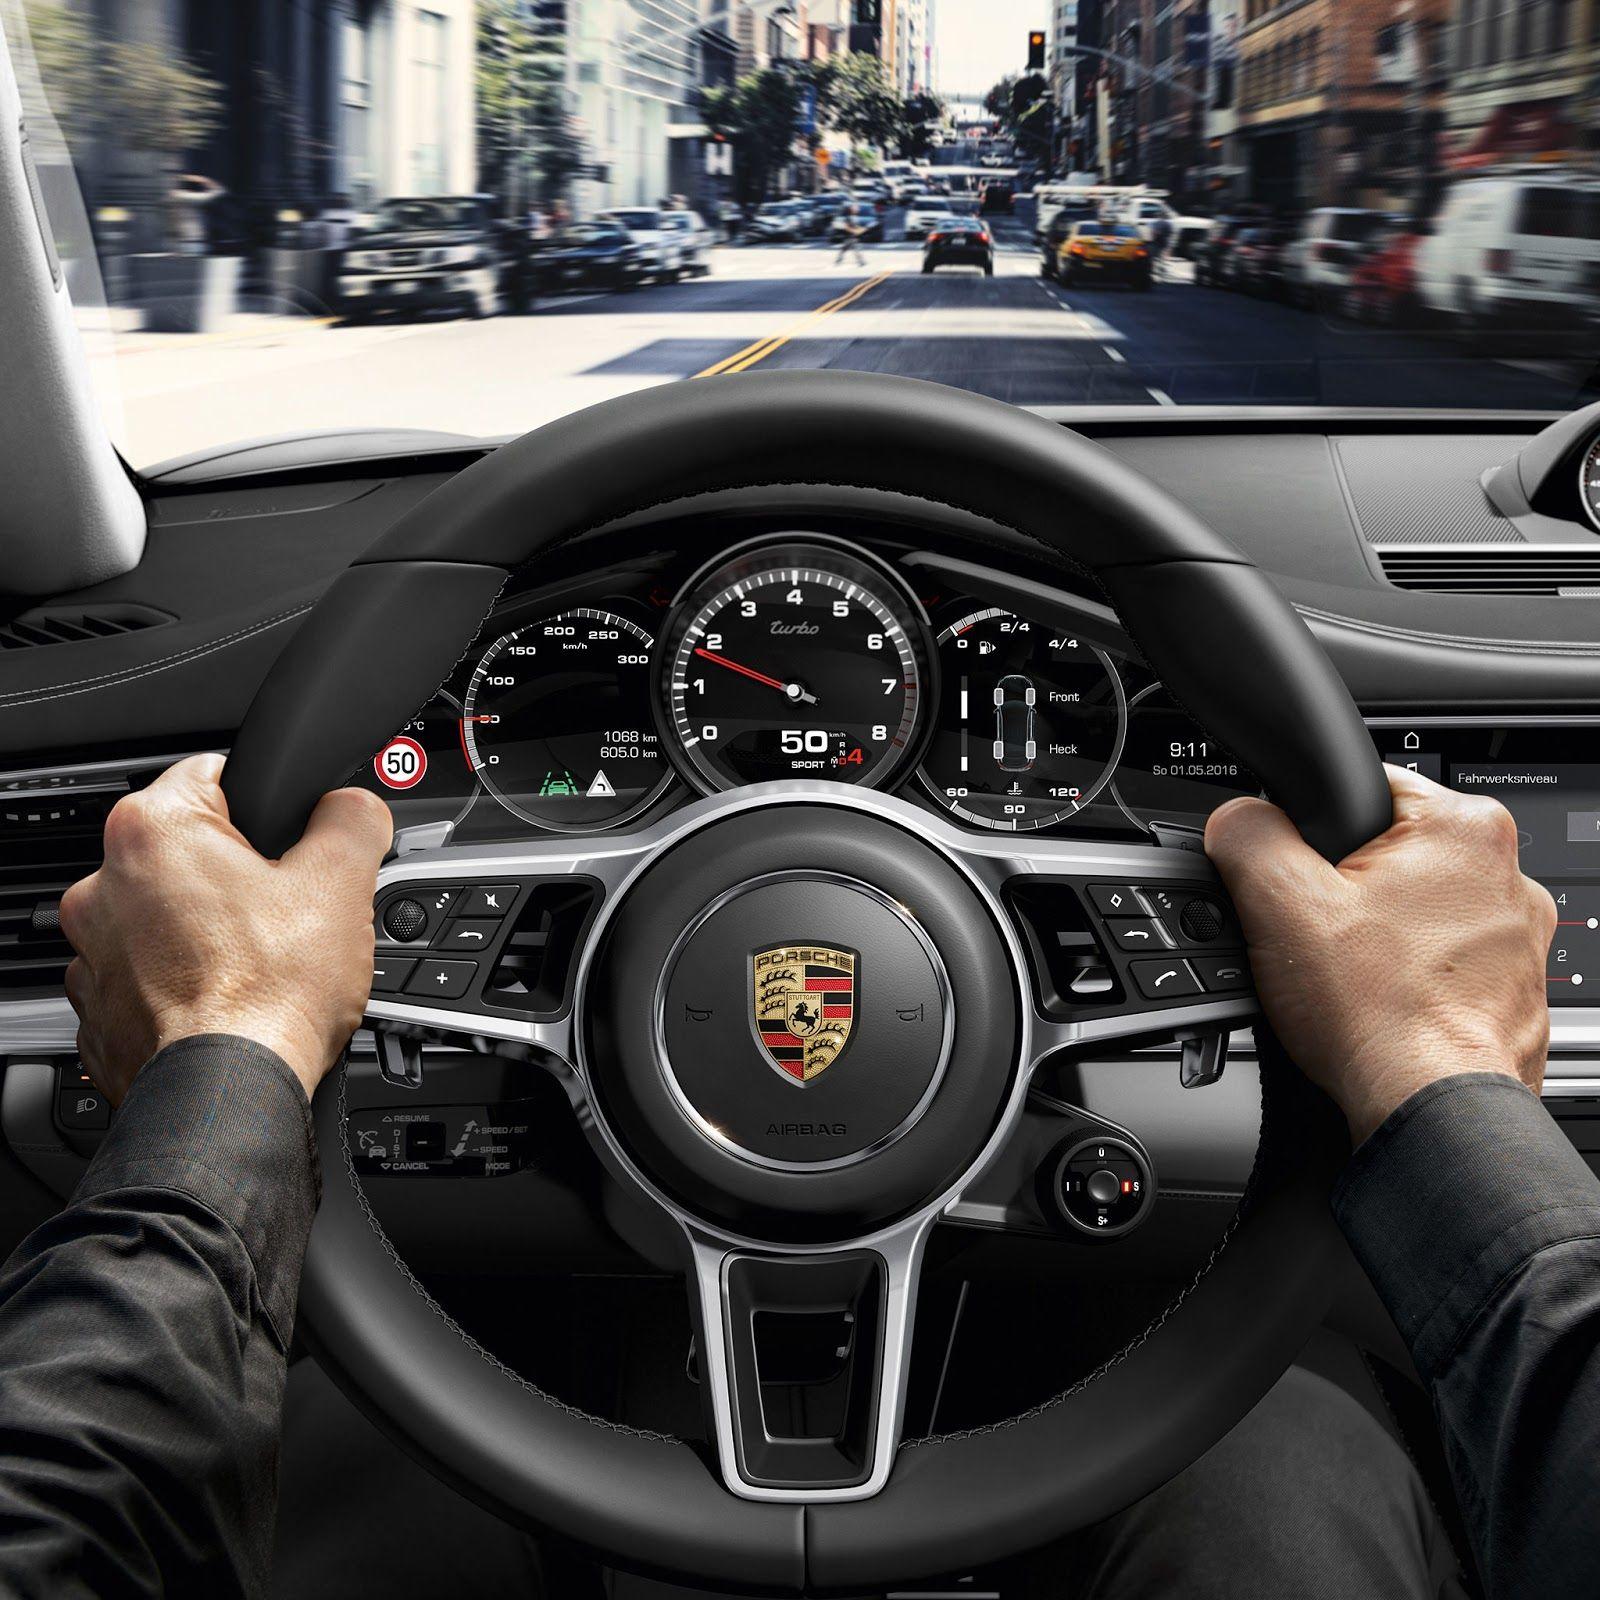 2017 porsche panamera that s more like it photos videos shop car electronics online